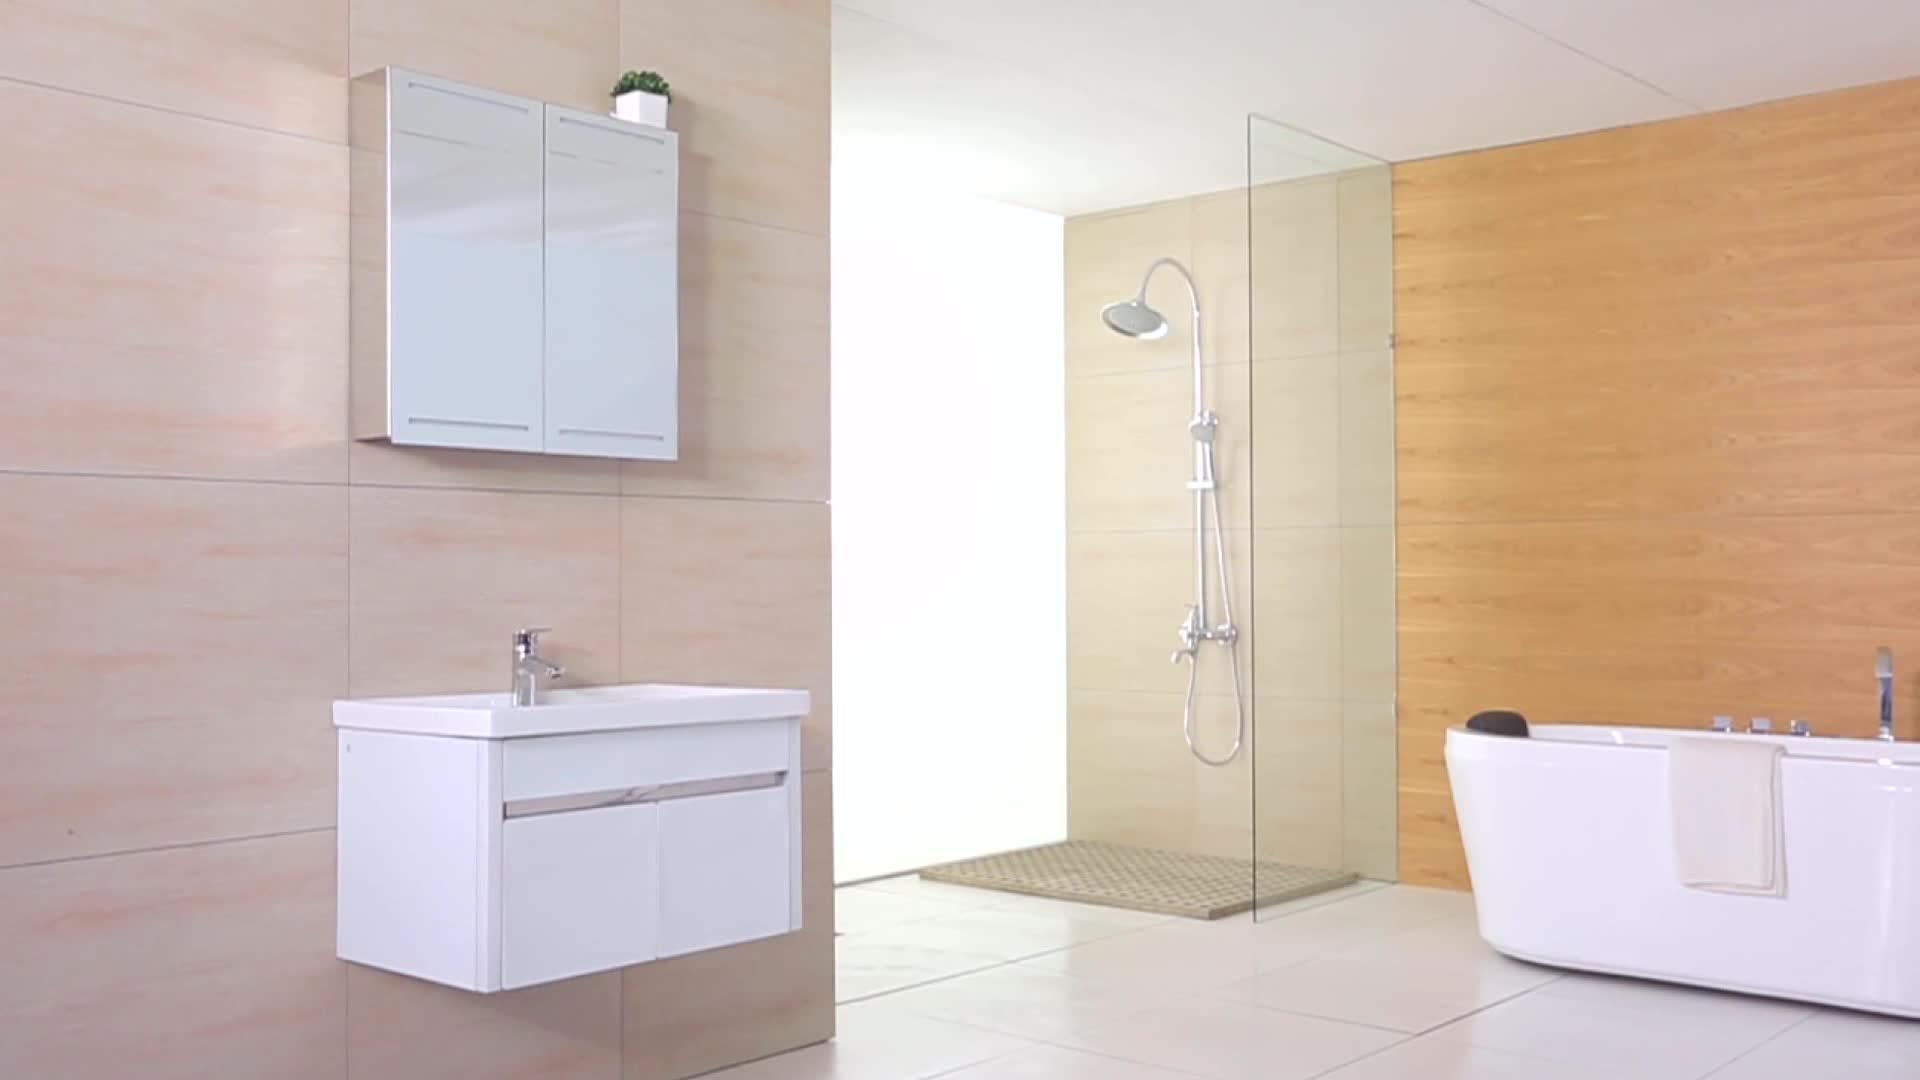 สไตล์โมเดิร์นสไตล์ยุโรปผนังติดตั้งห้องน้ำกระจกตู้โต๊ะเครื่องแป้งห้องน้ำ Light